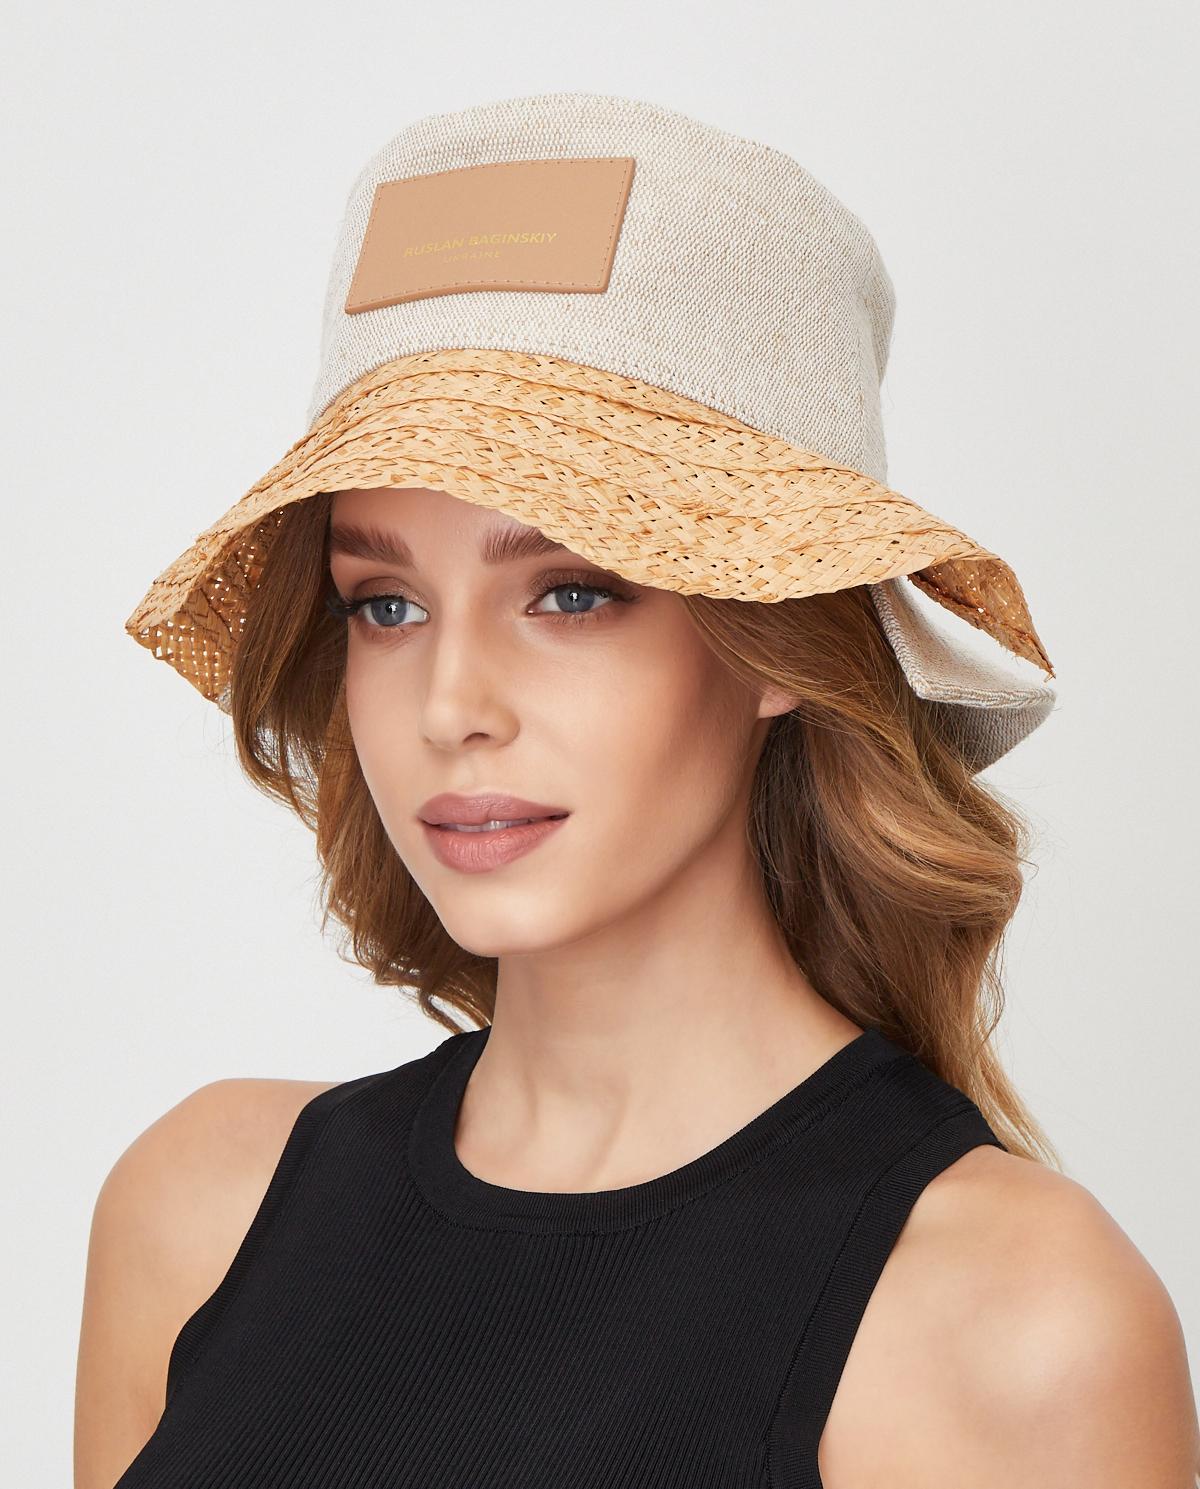 Damski beżowy kapelusz z naszywką BCT036-STR-L-C BEIGE Ruslan Baginskiy